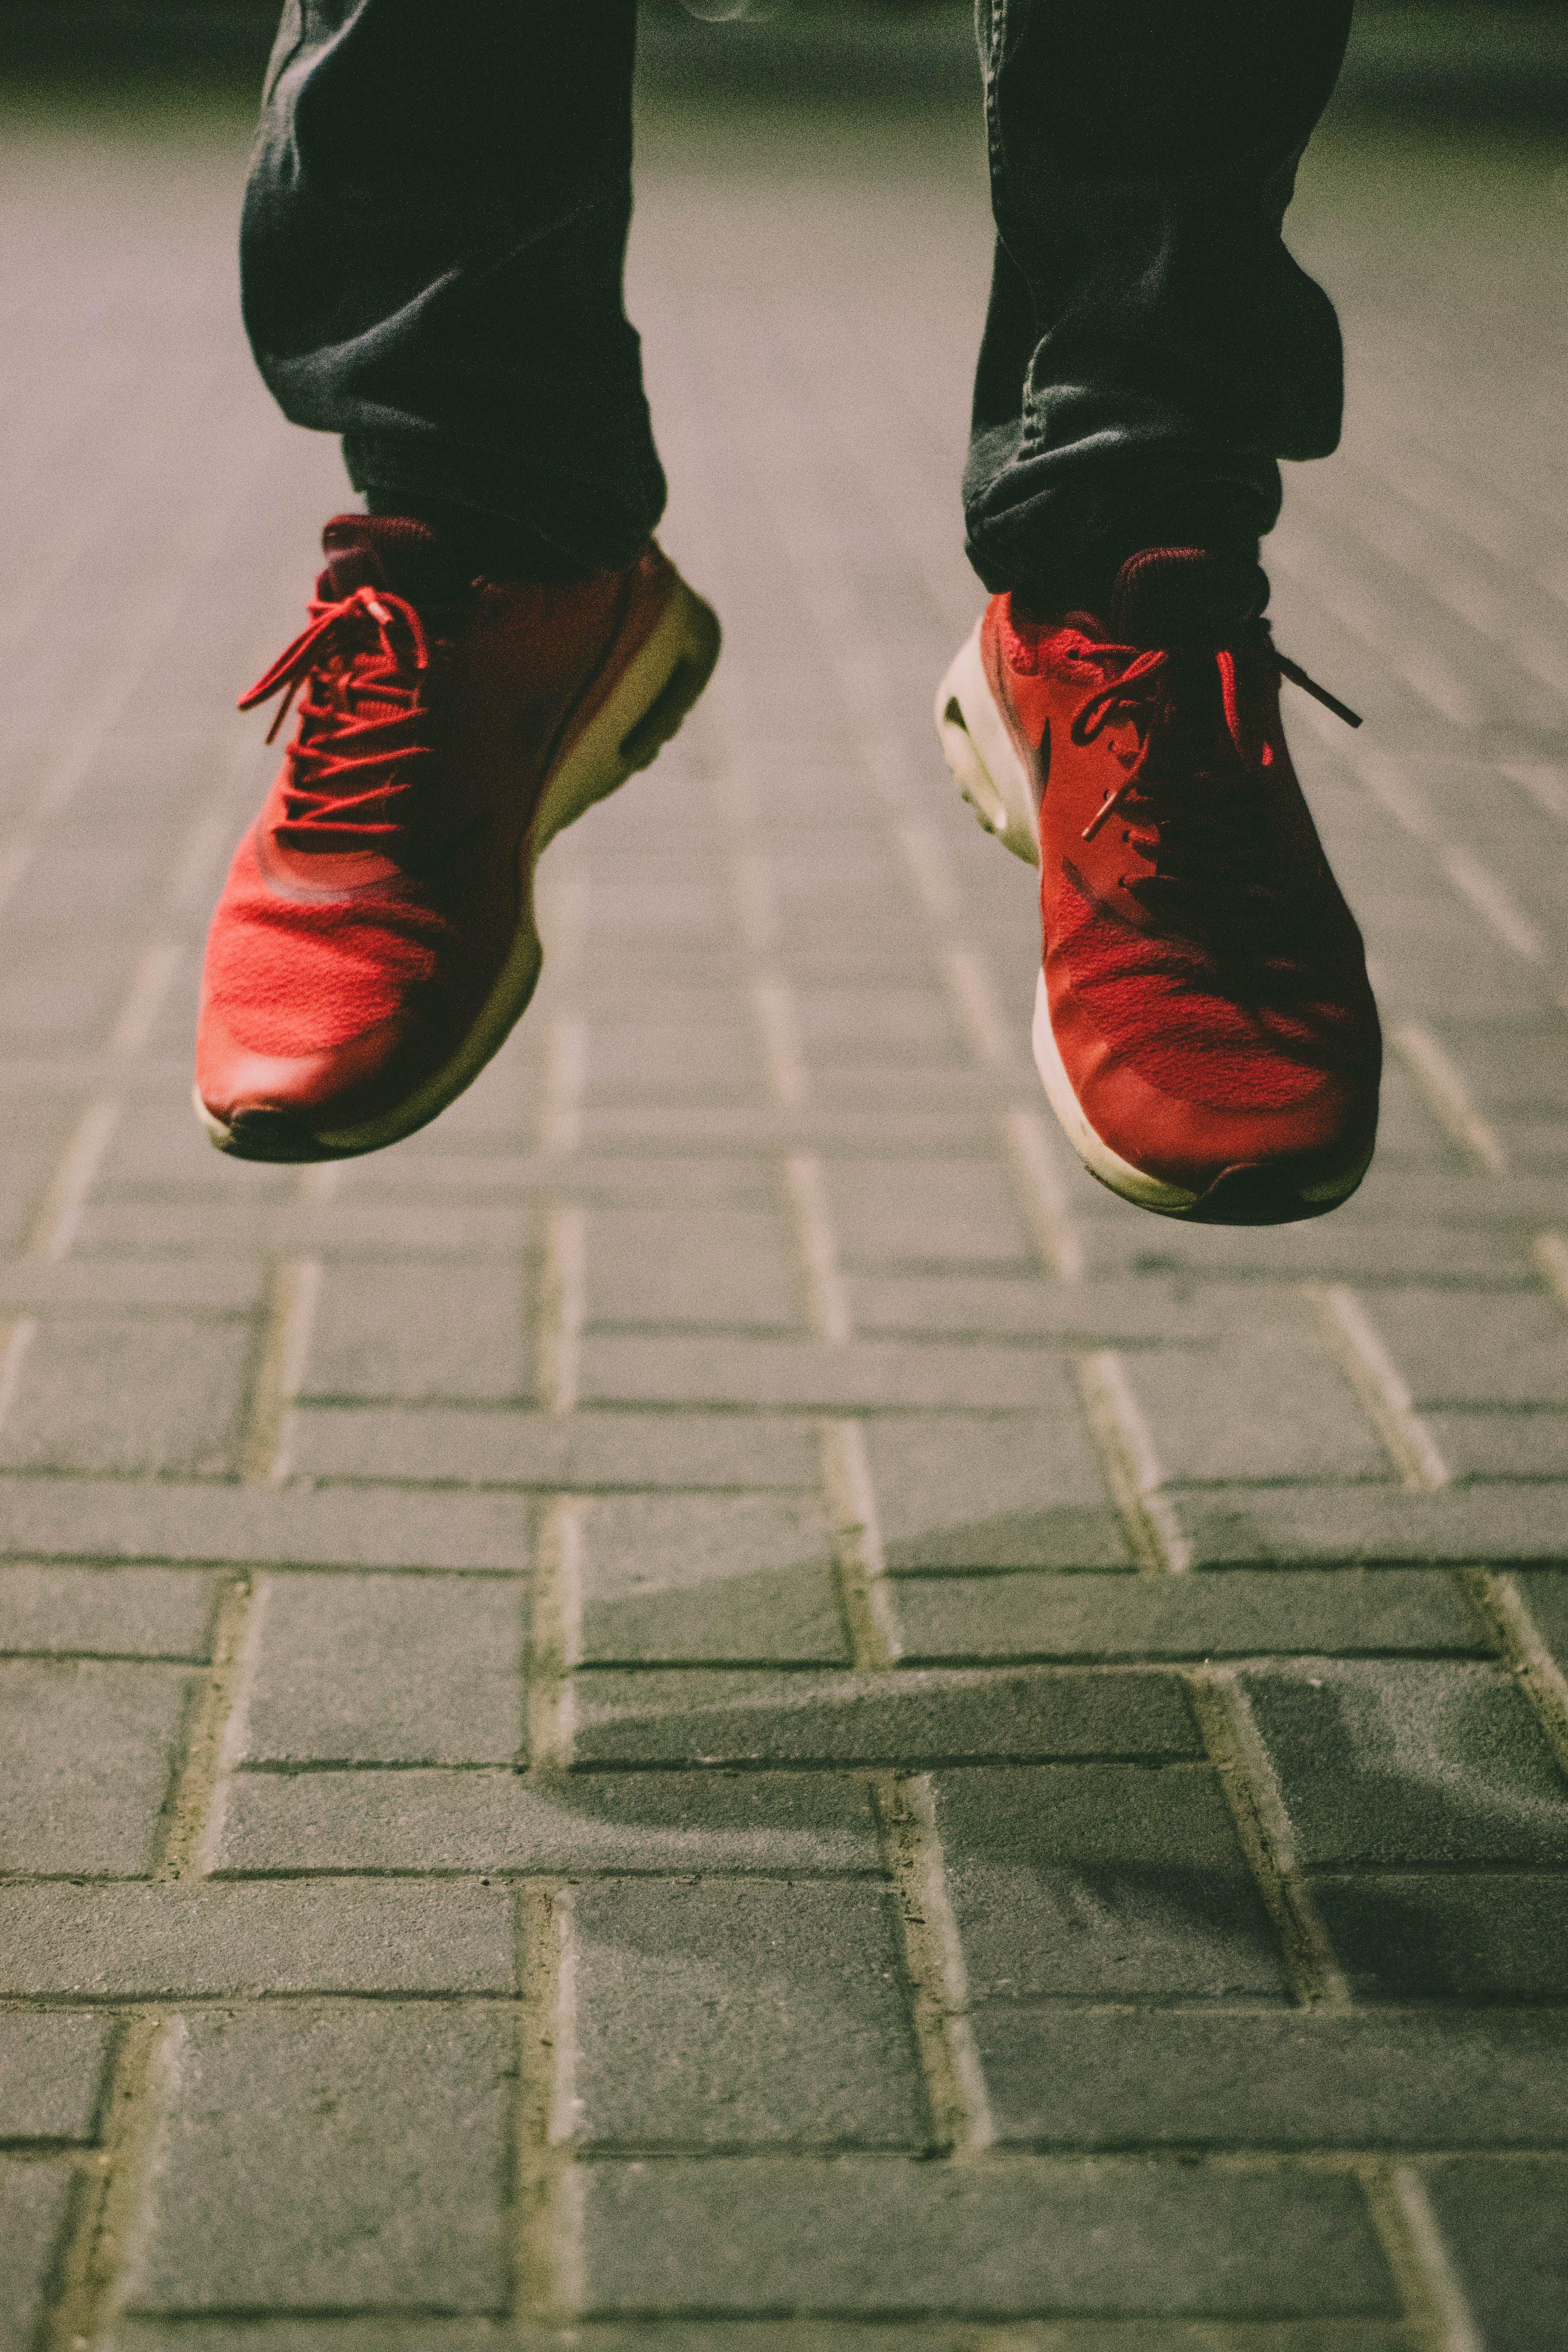 나이키, 떠 있는, 발, 스니커즈의 무료 스톡 사진